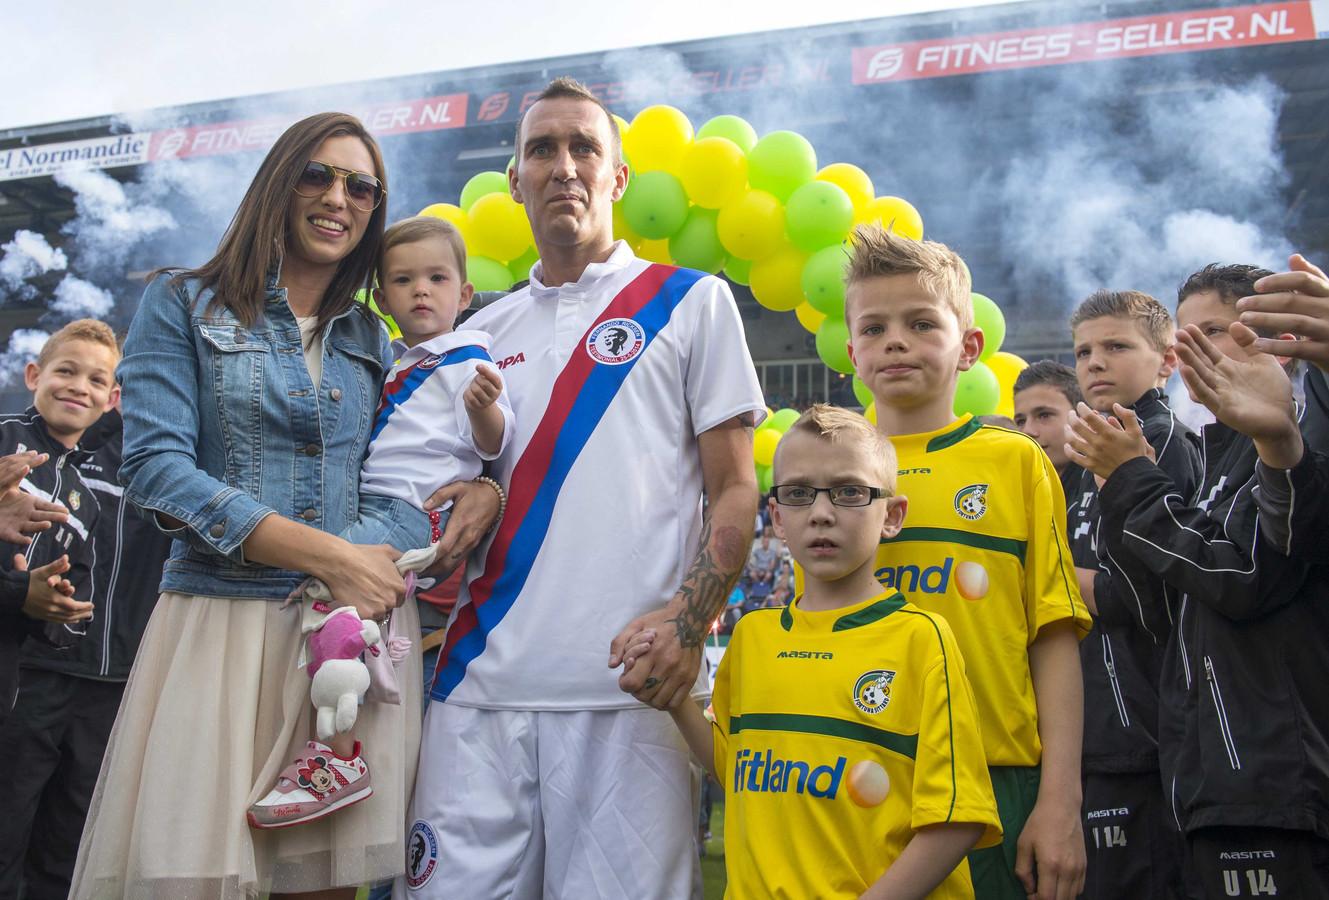 Fernando Ricksen speelde in 2015 nog een laatste wedstrijd met vrienden en oud-teamgenoten in het stadion van Fortuna Sittard.